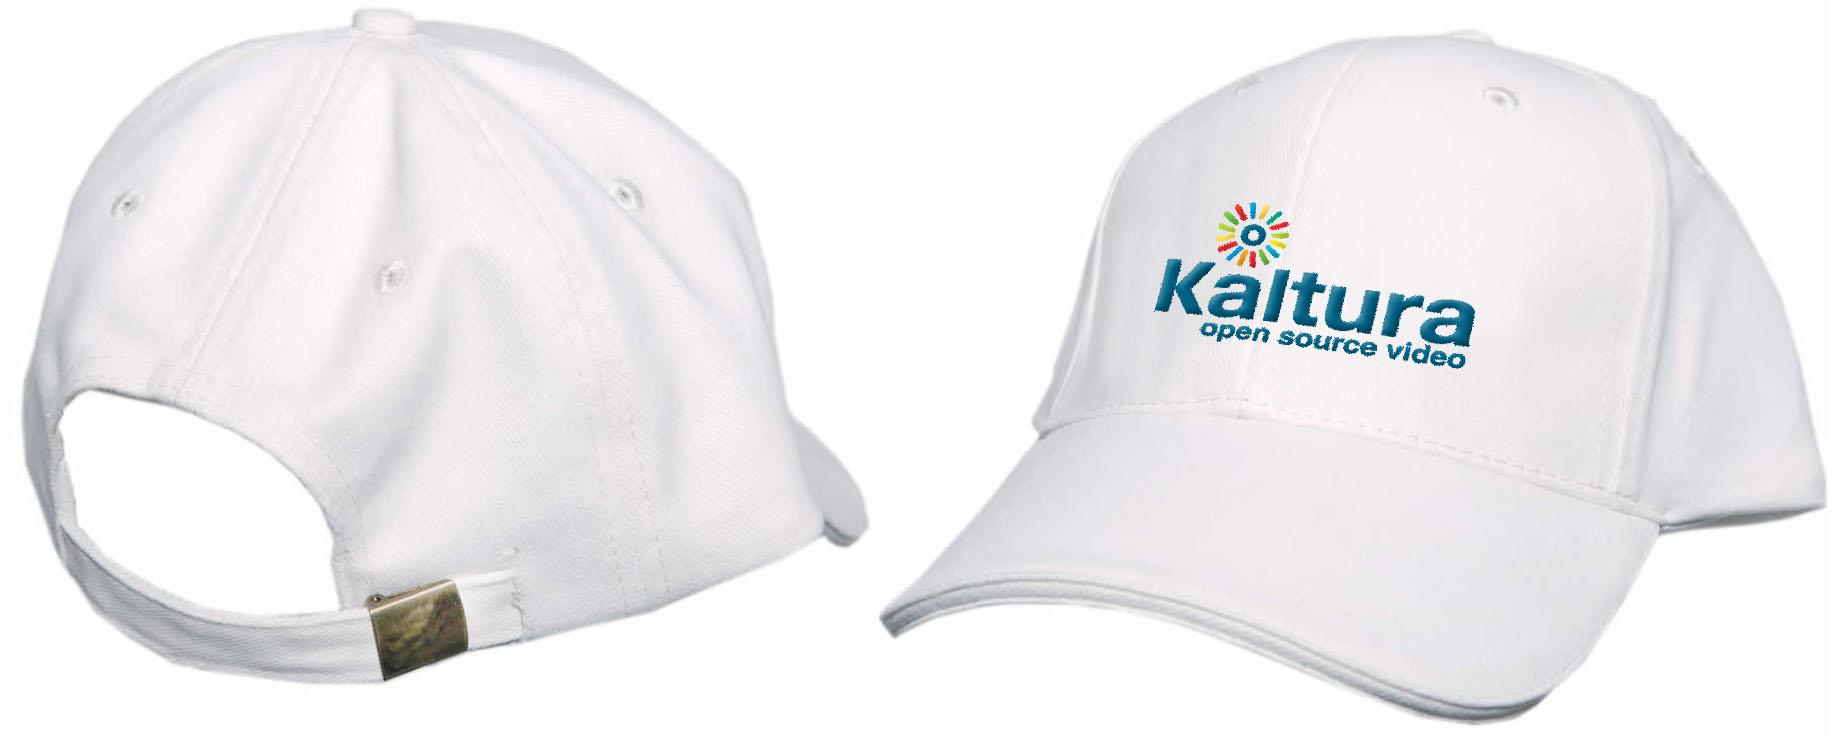 הדפסות על כובעים | כובע מצחיה